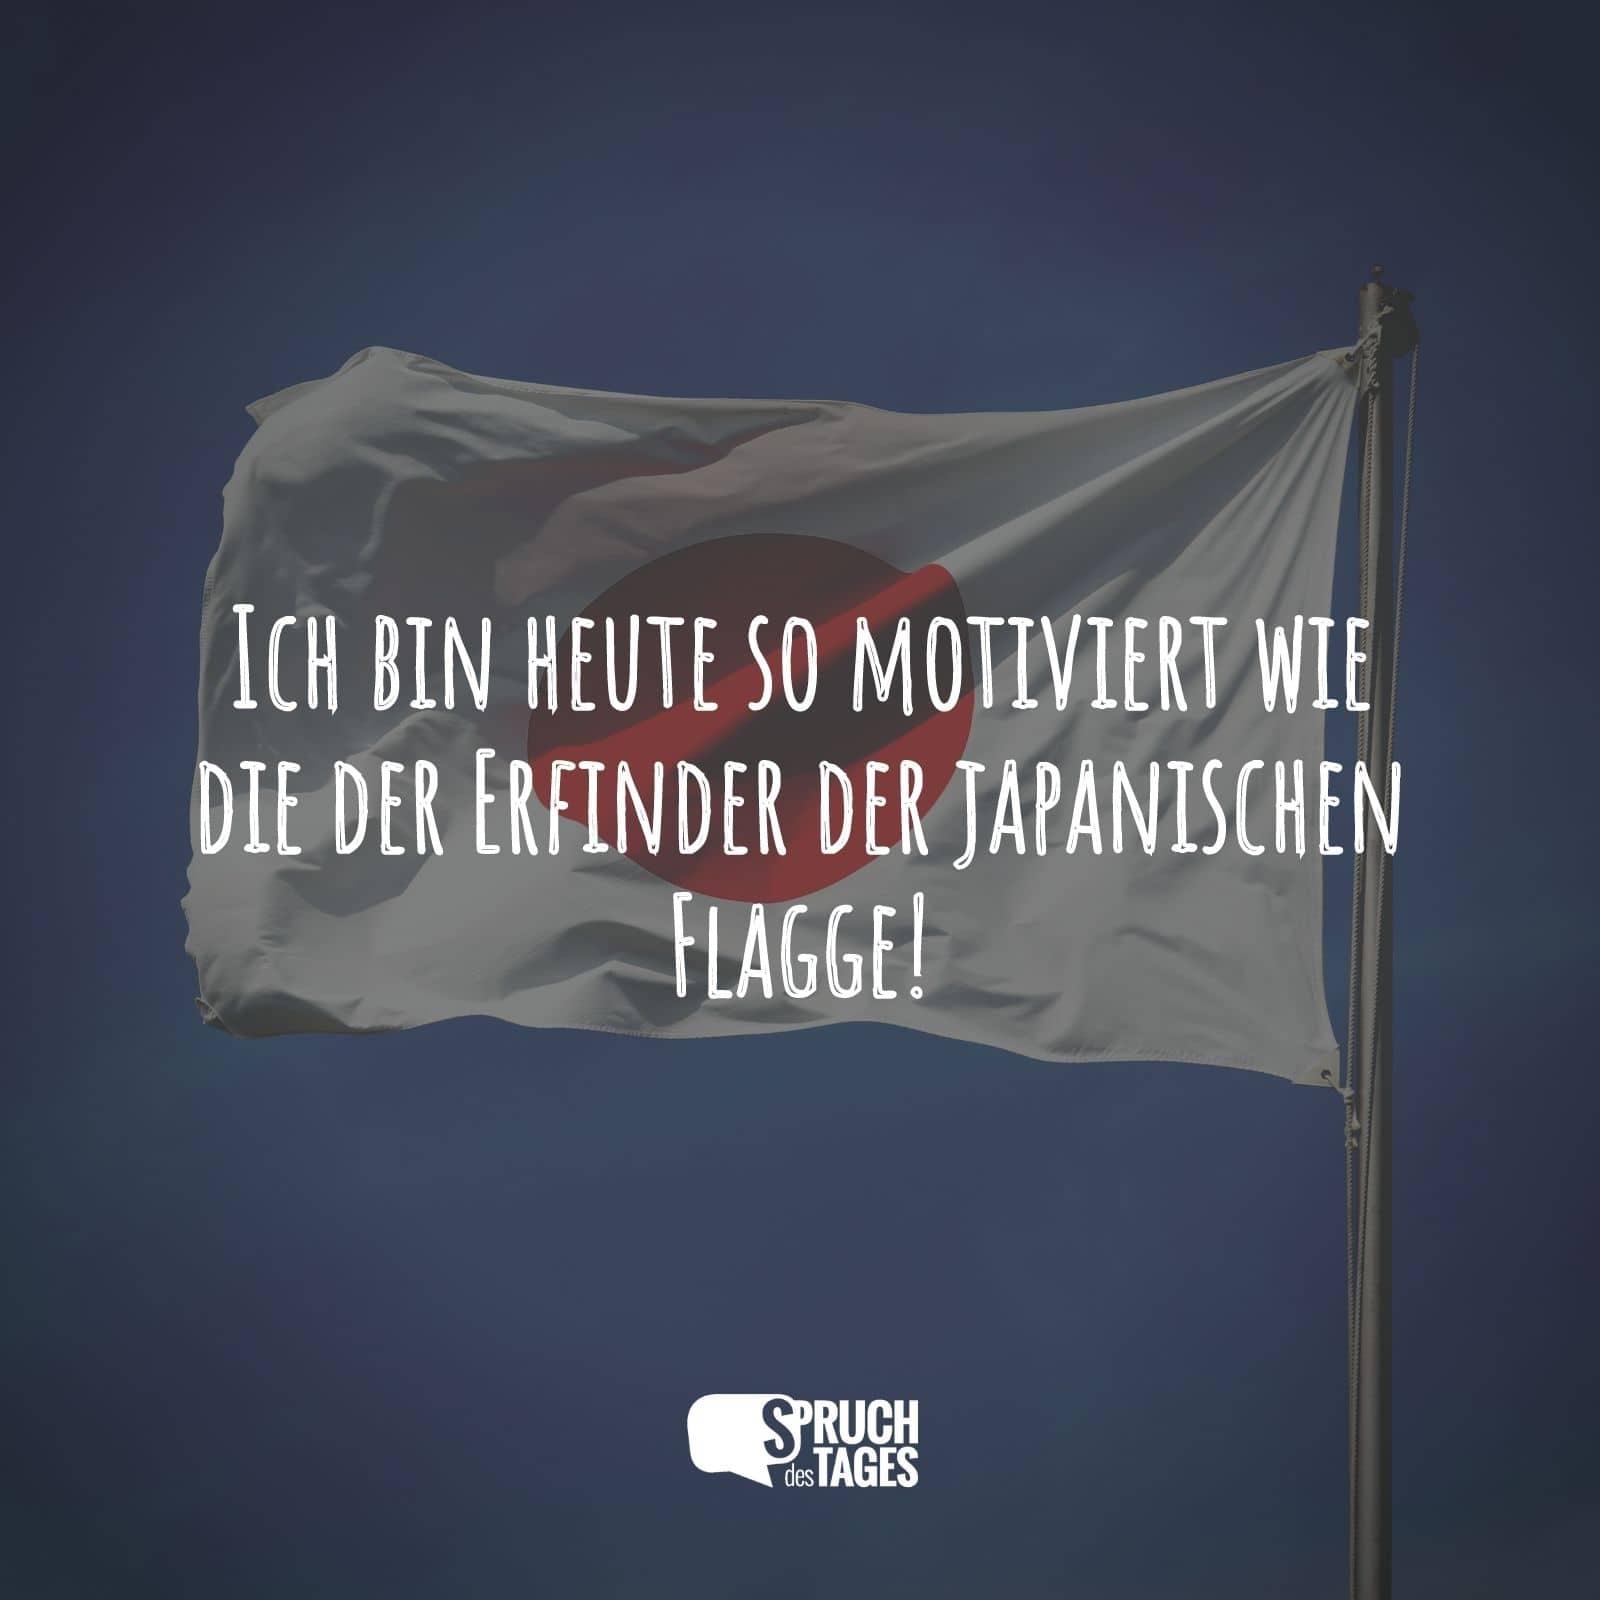 Ich Bin Heute So Motiviert Wie Die Der Erfinder Der Japanischen Flagge